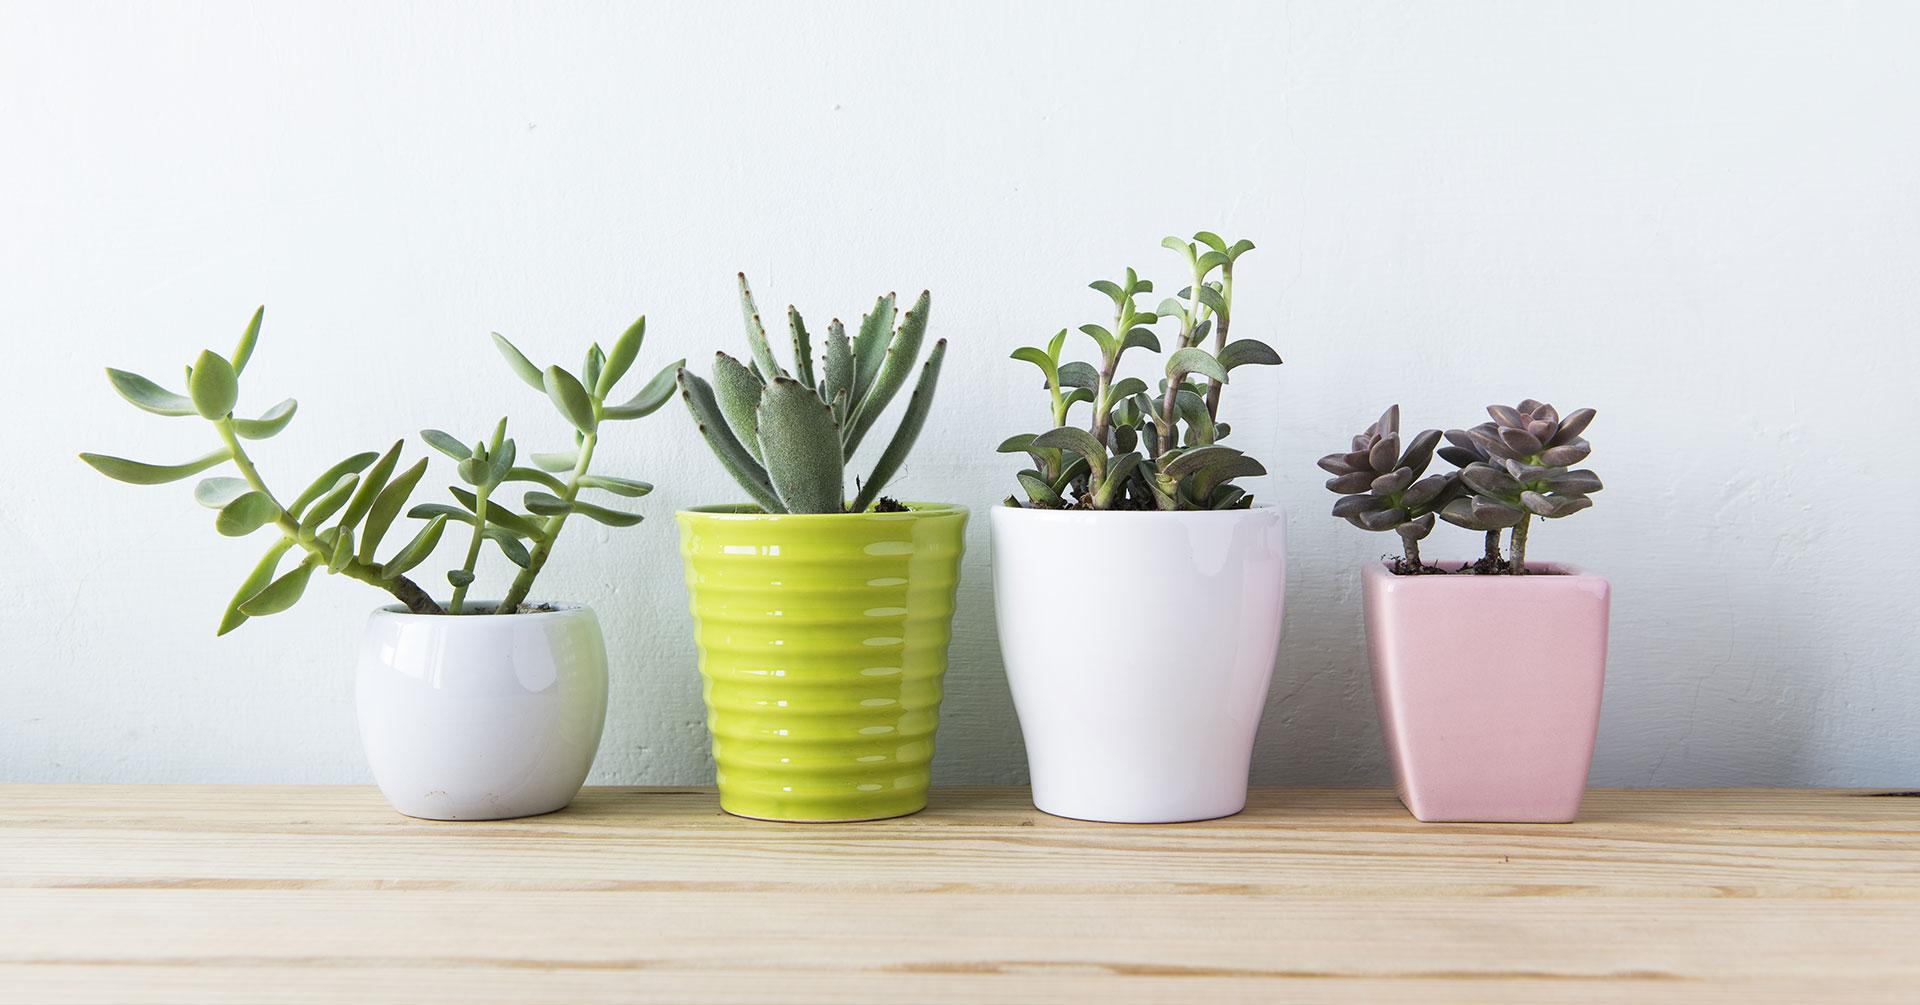 5 Plantas para tener energía positiva en tu casa